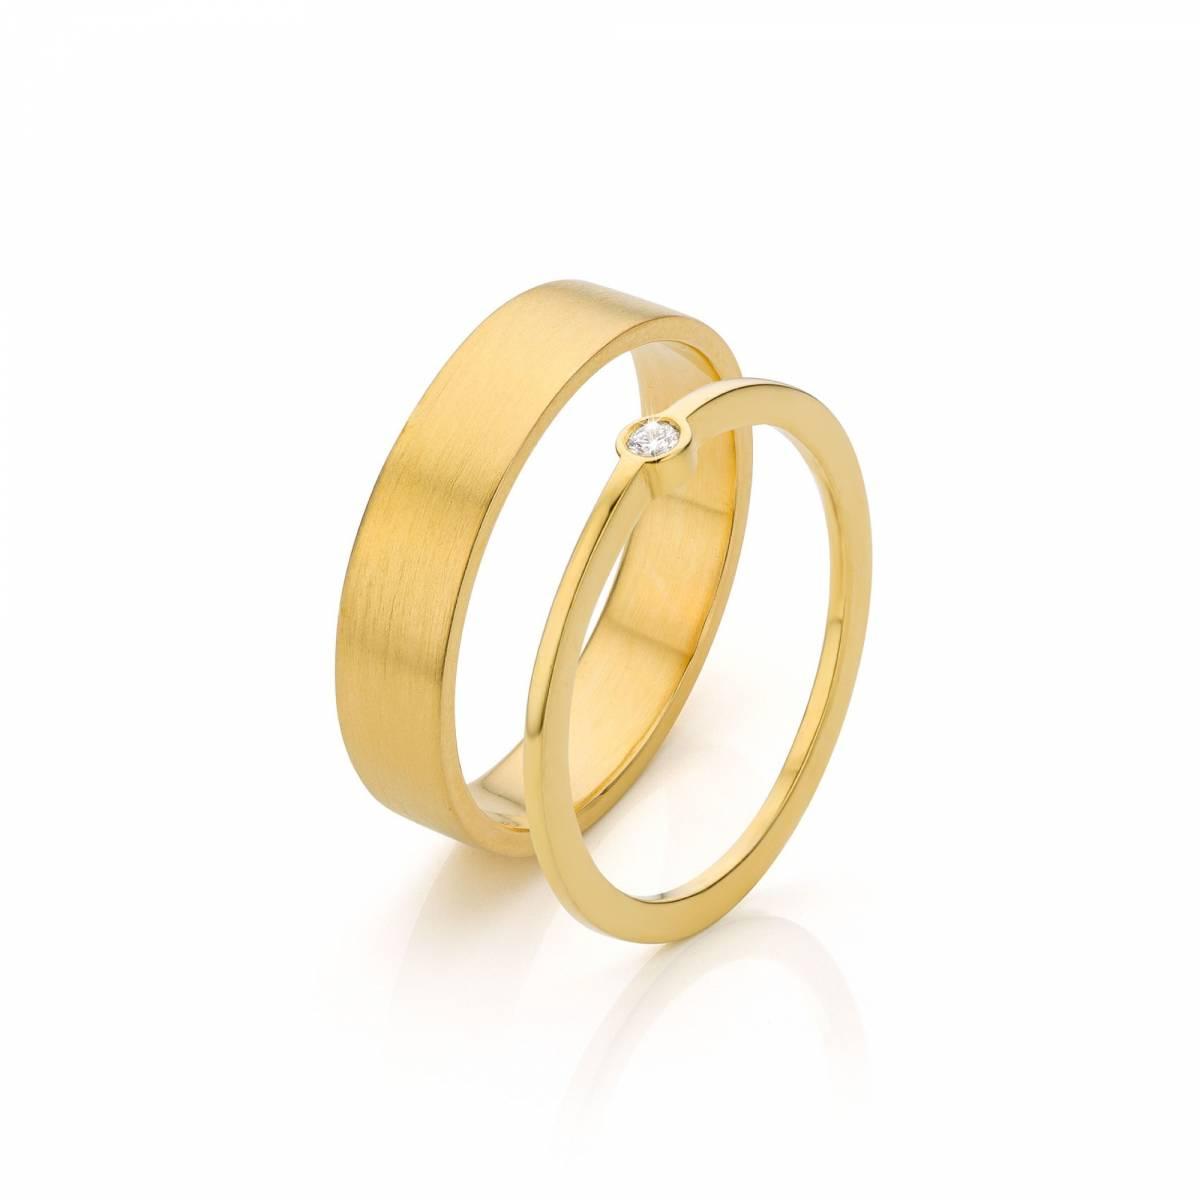 KUBINI - Juwelen - fotograaf Erwin Maes - House of Weddings (9)